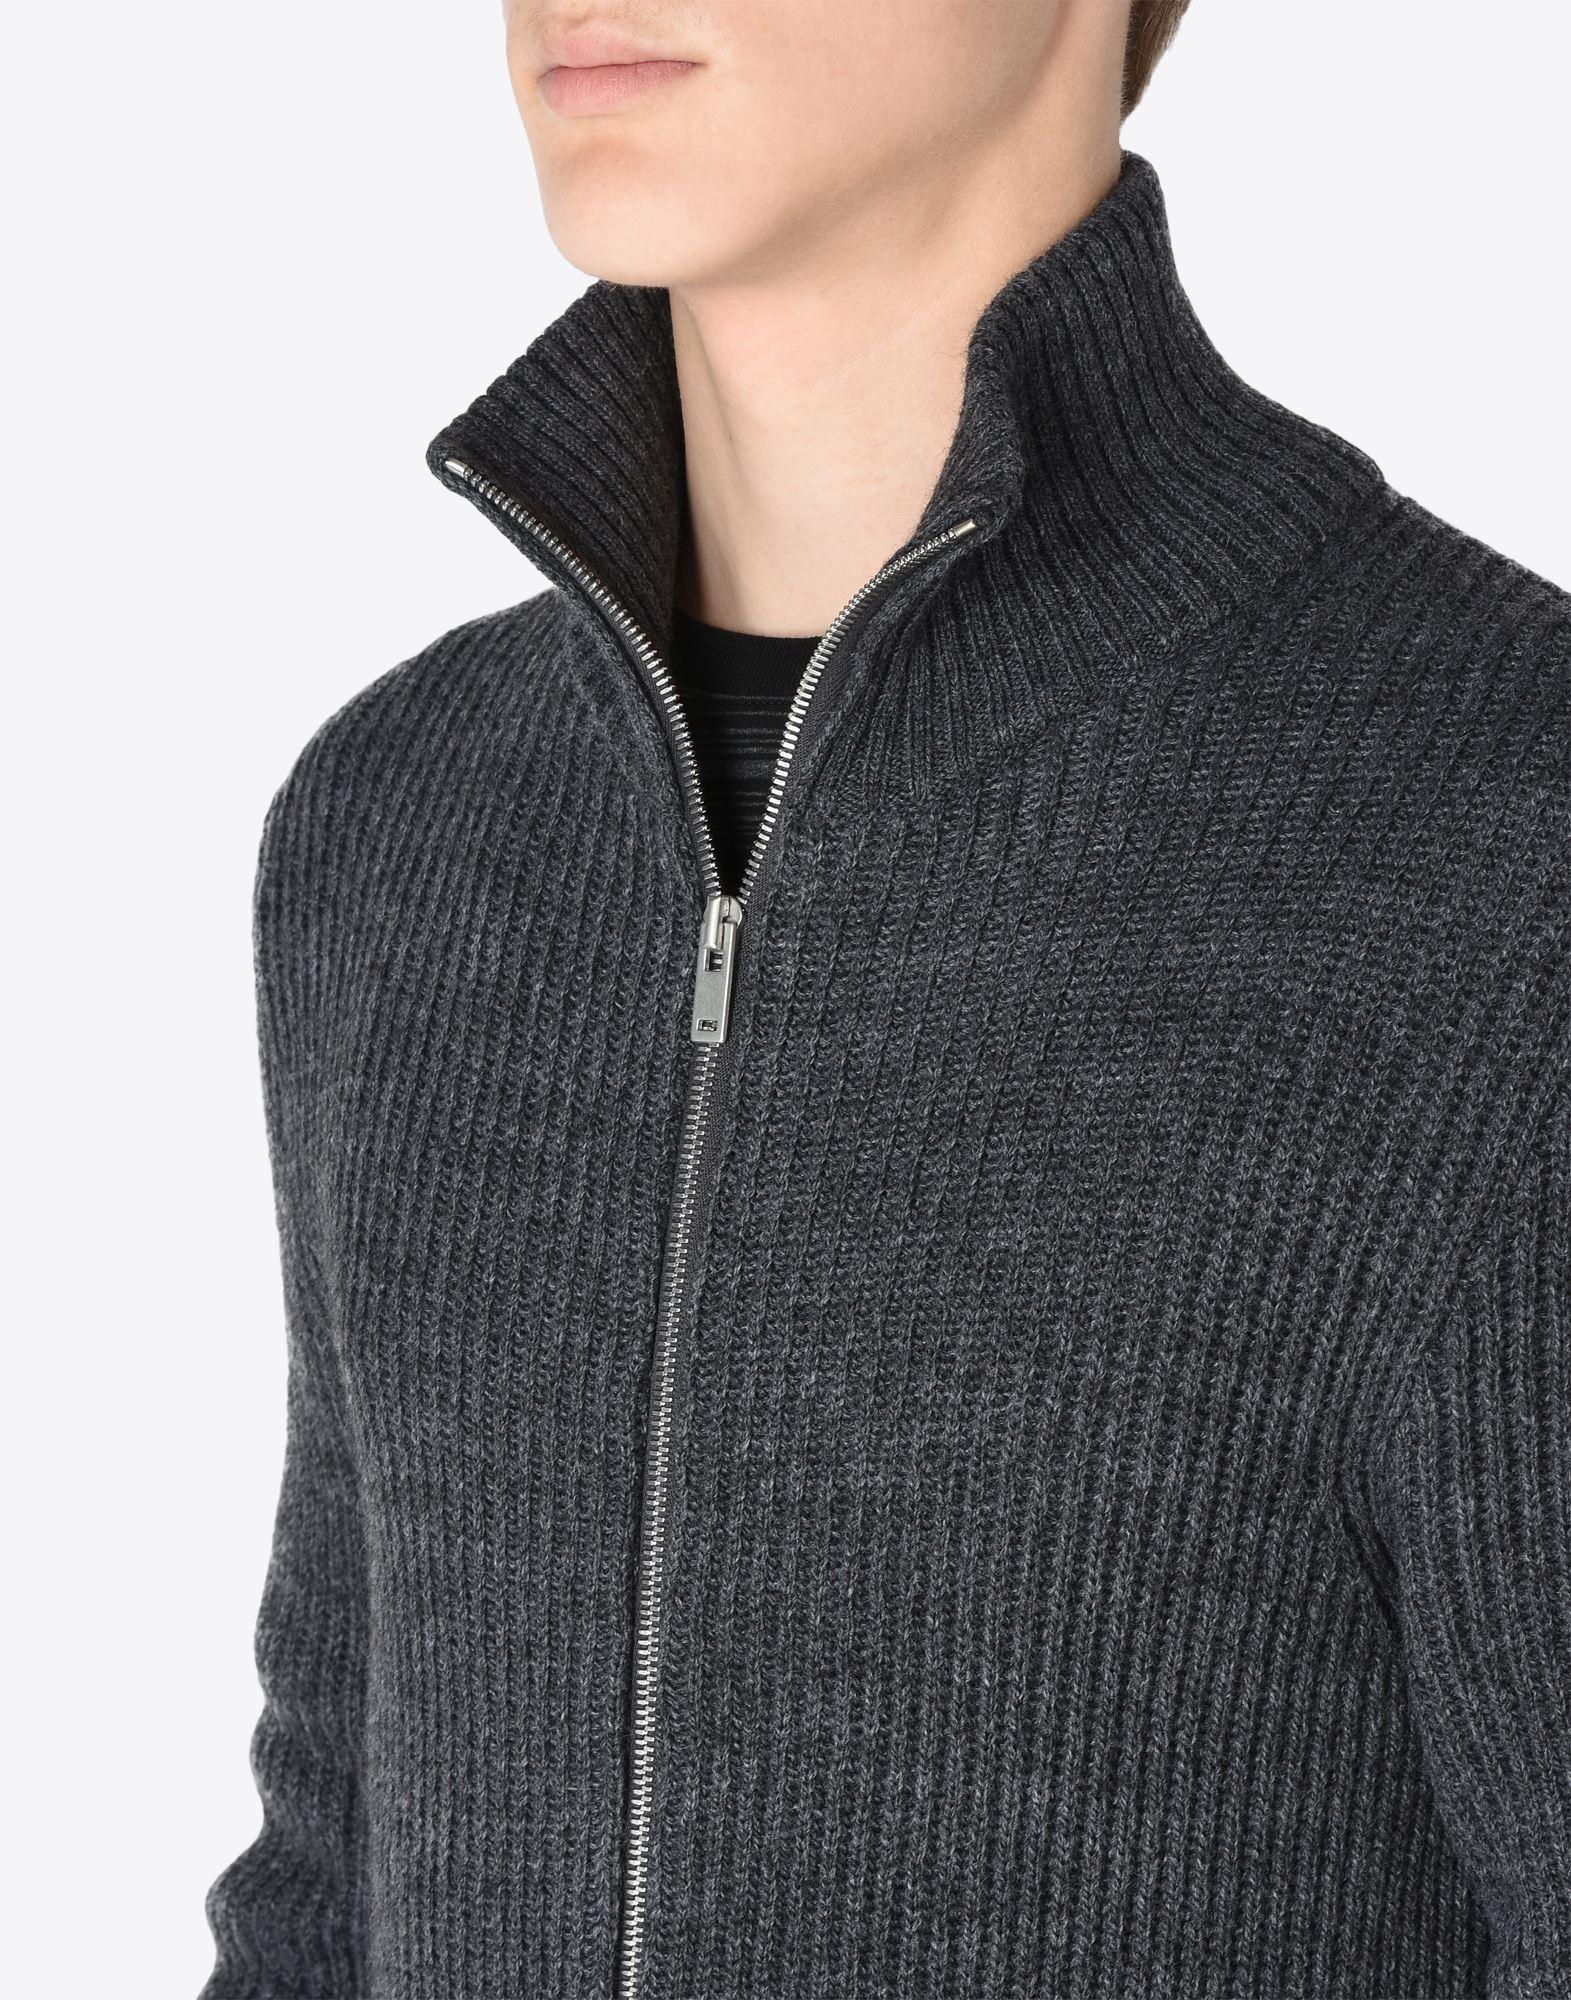 MAISON MARGIELA 14 Sweater mit Reißverschluss Pullover mit Rollkragen Herren a